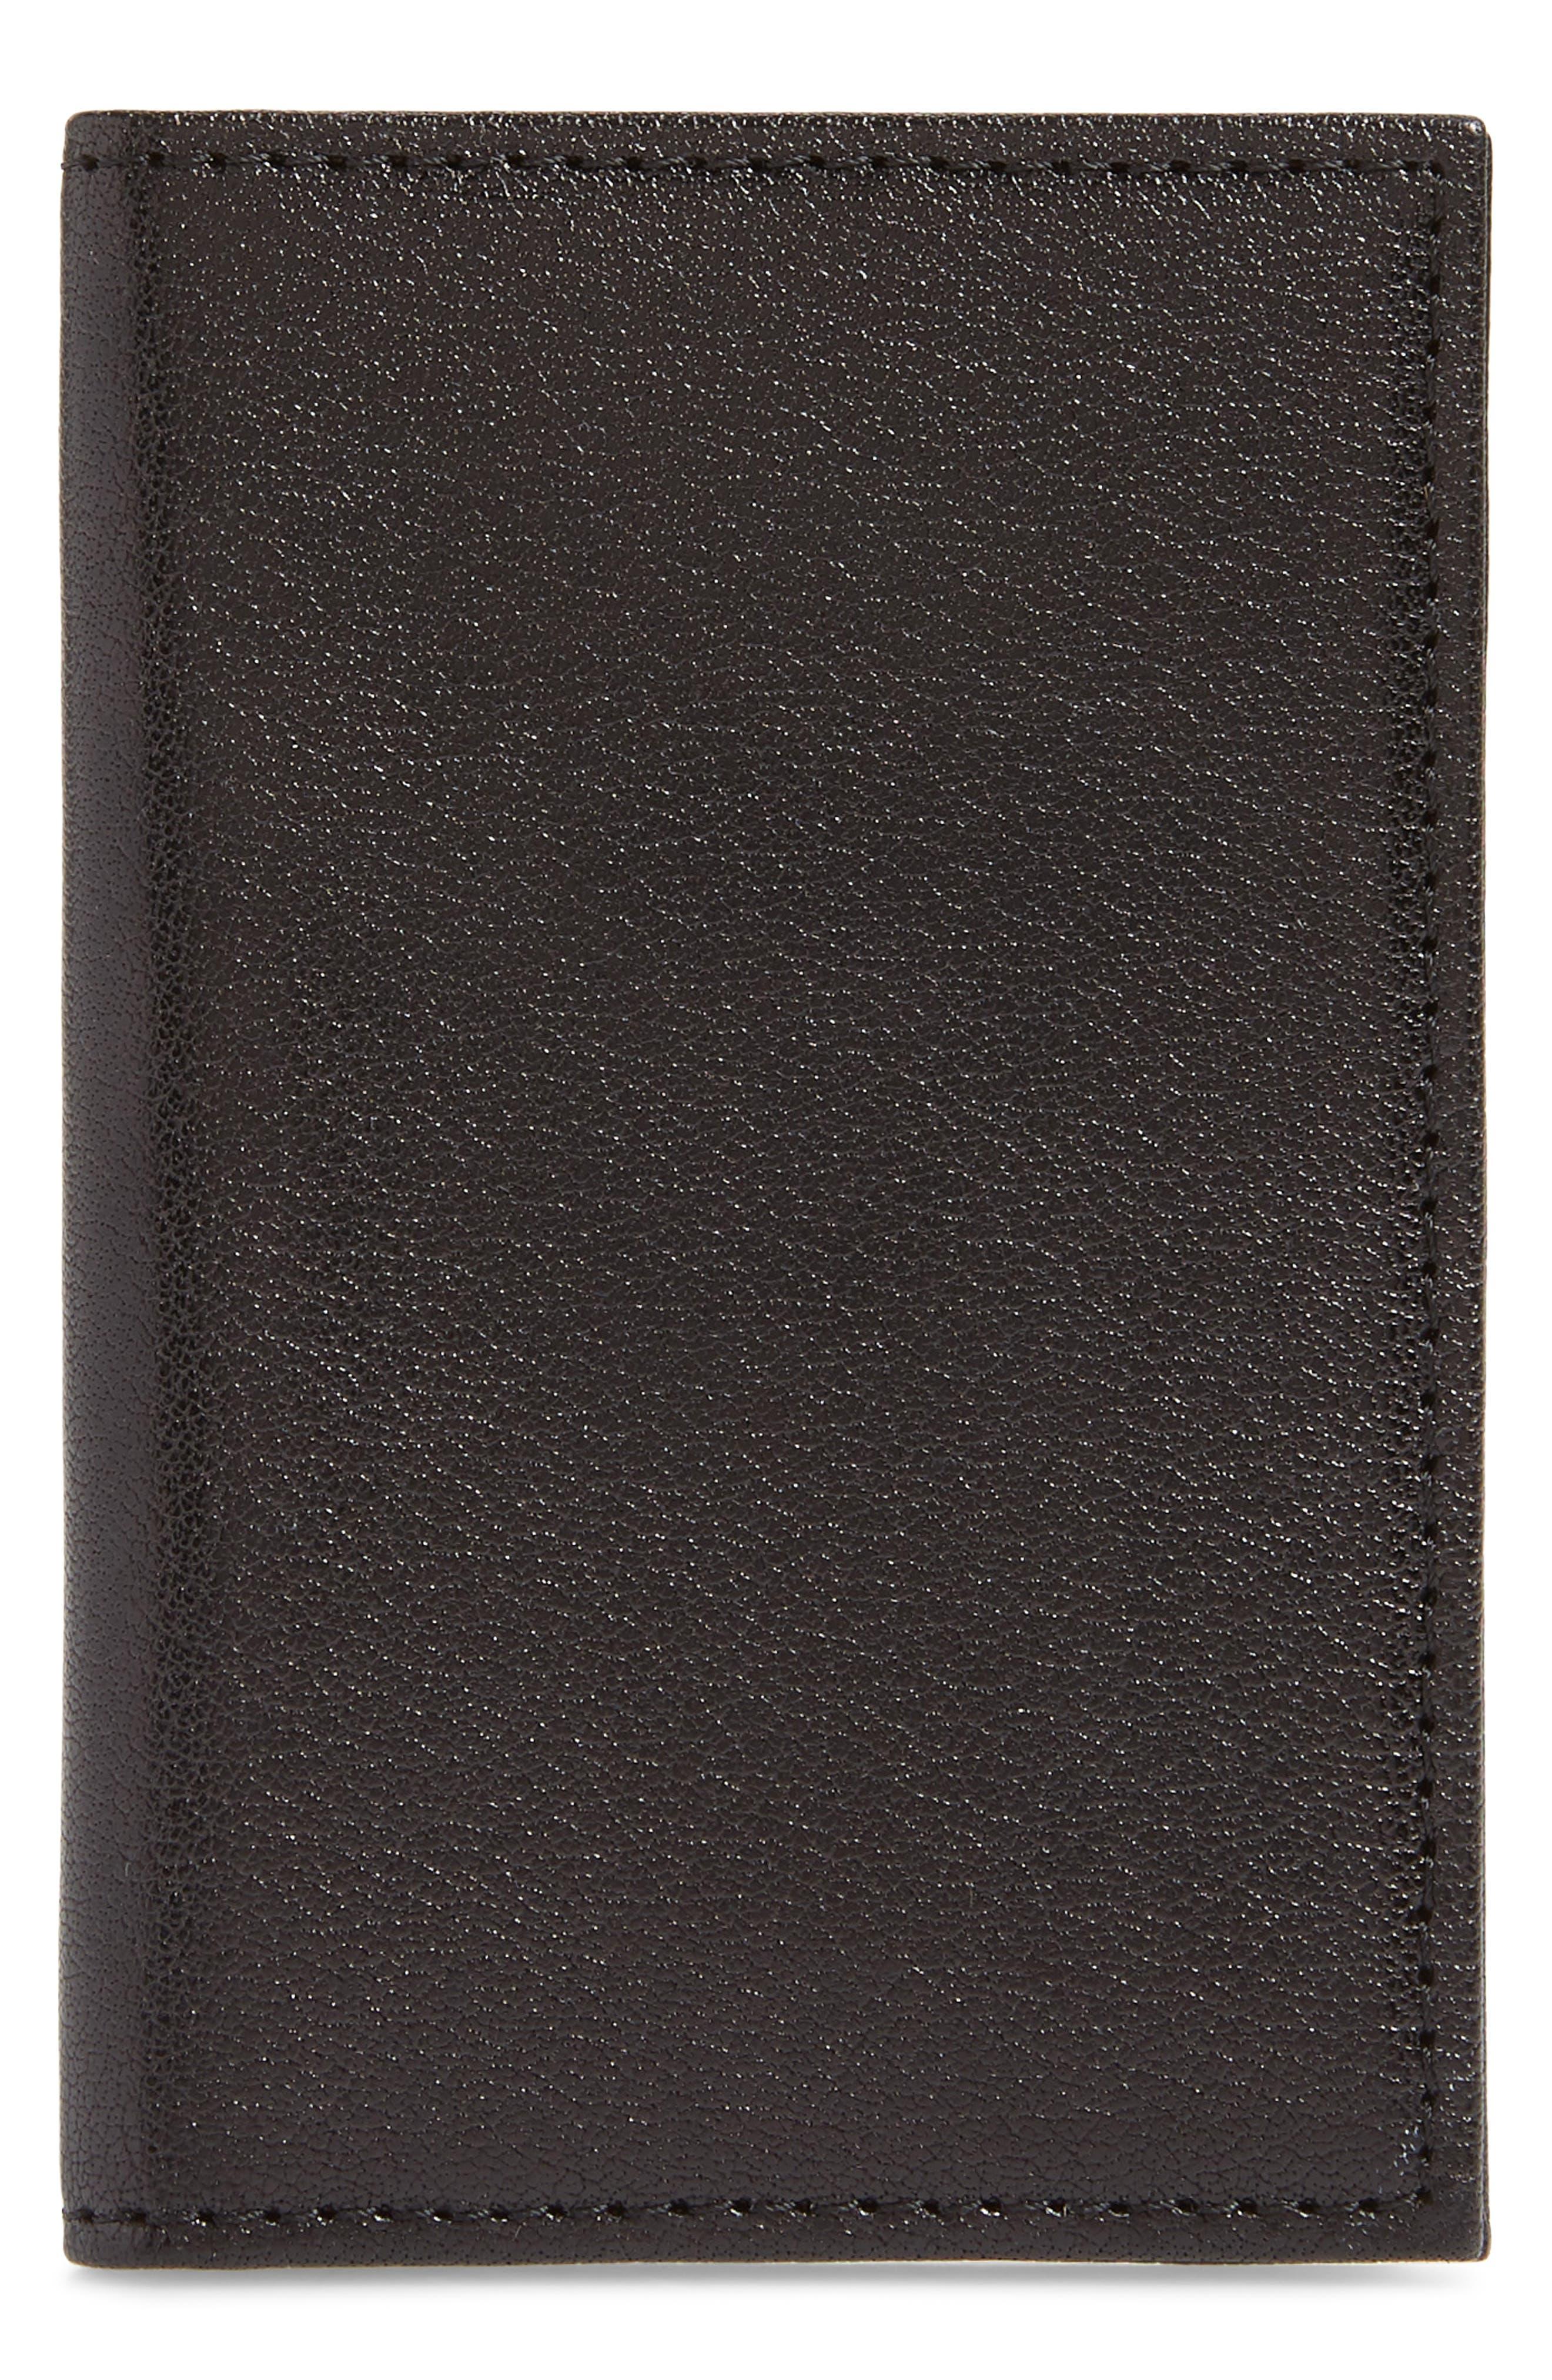 Landon Leather Flip Card Case,                             Main thumbnail 1, color,                             001